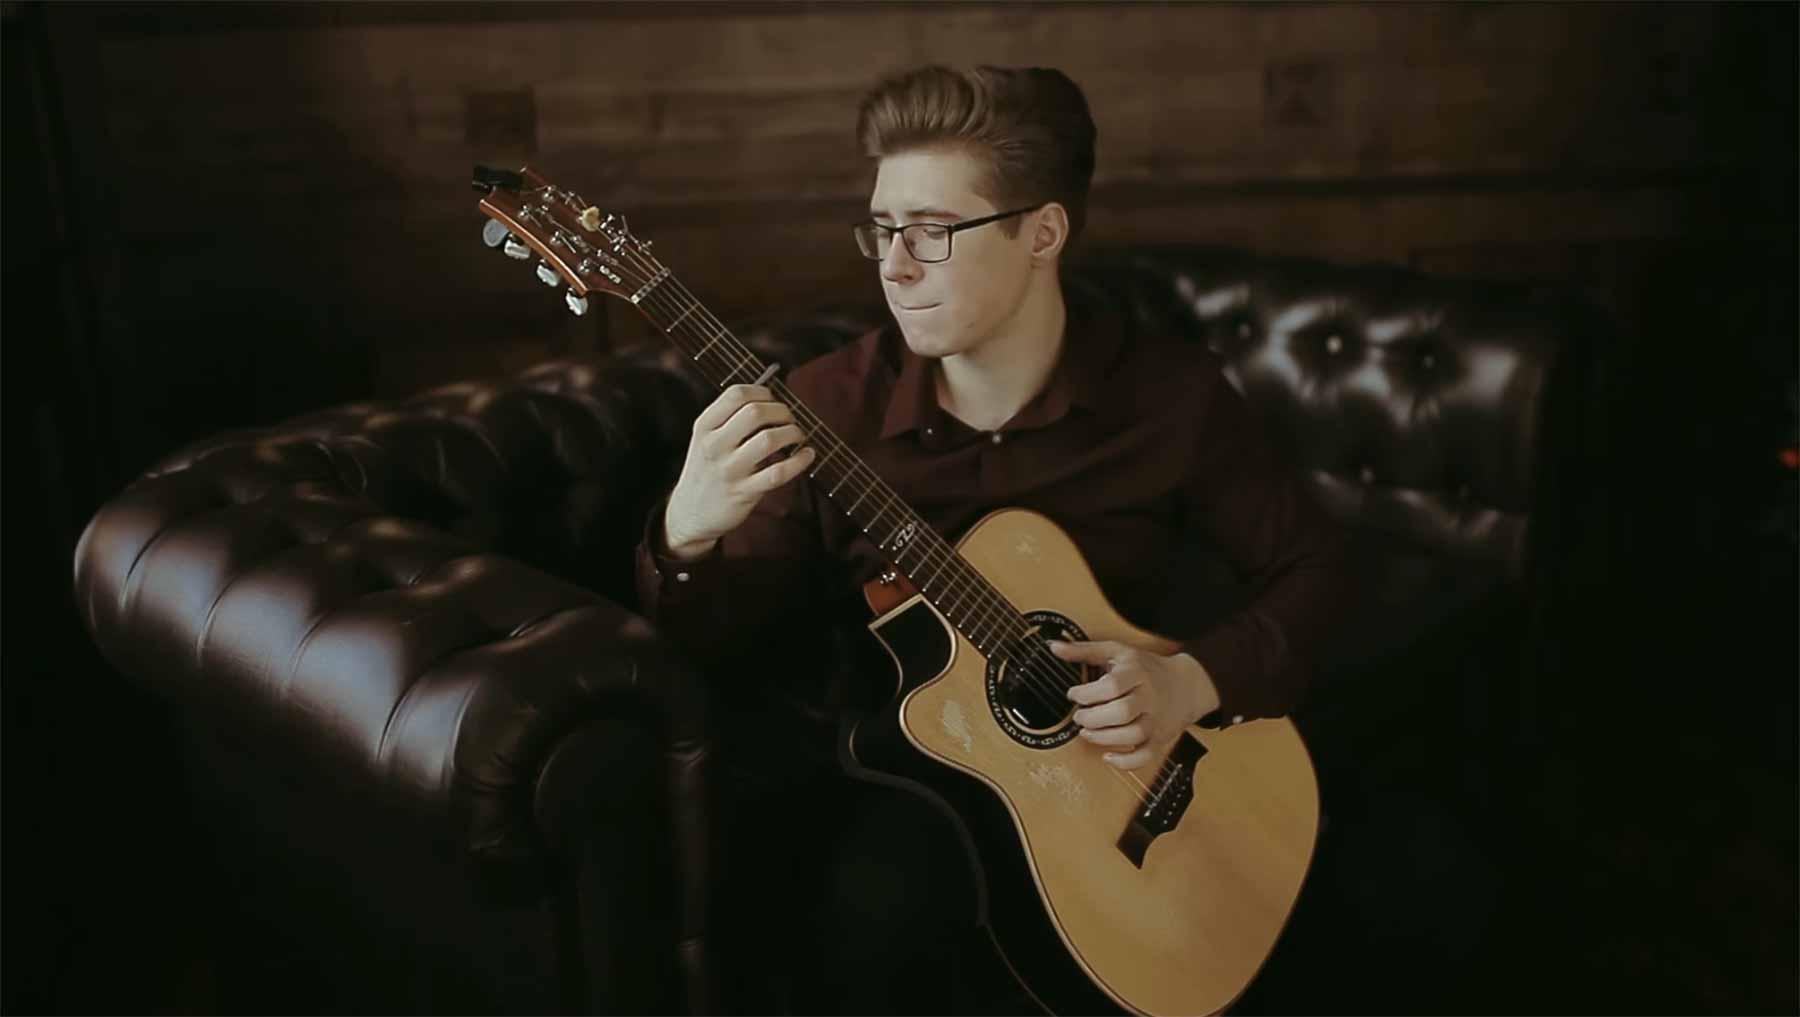 Wundervoll entspannende Gitarrencover von Alexandr Misko gitarrencoverversionen-Alexandr-Misko